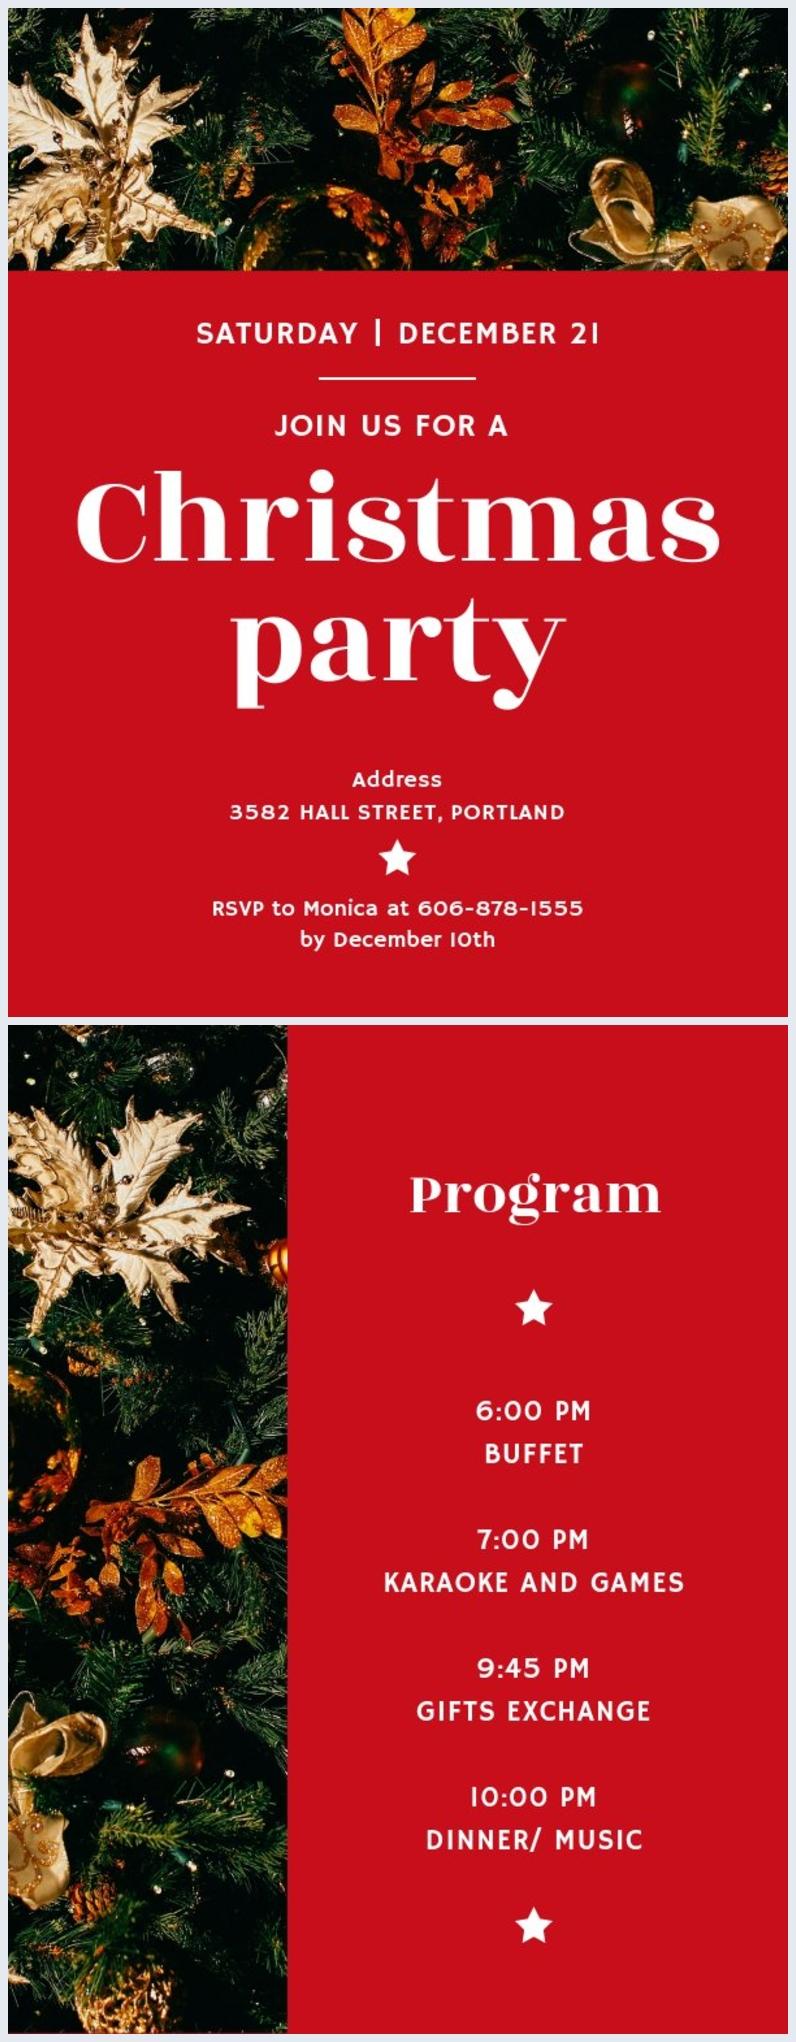 Kerstfeest Programma Sjabloon